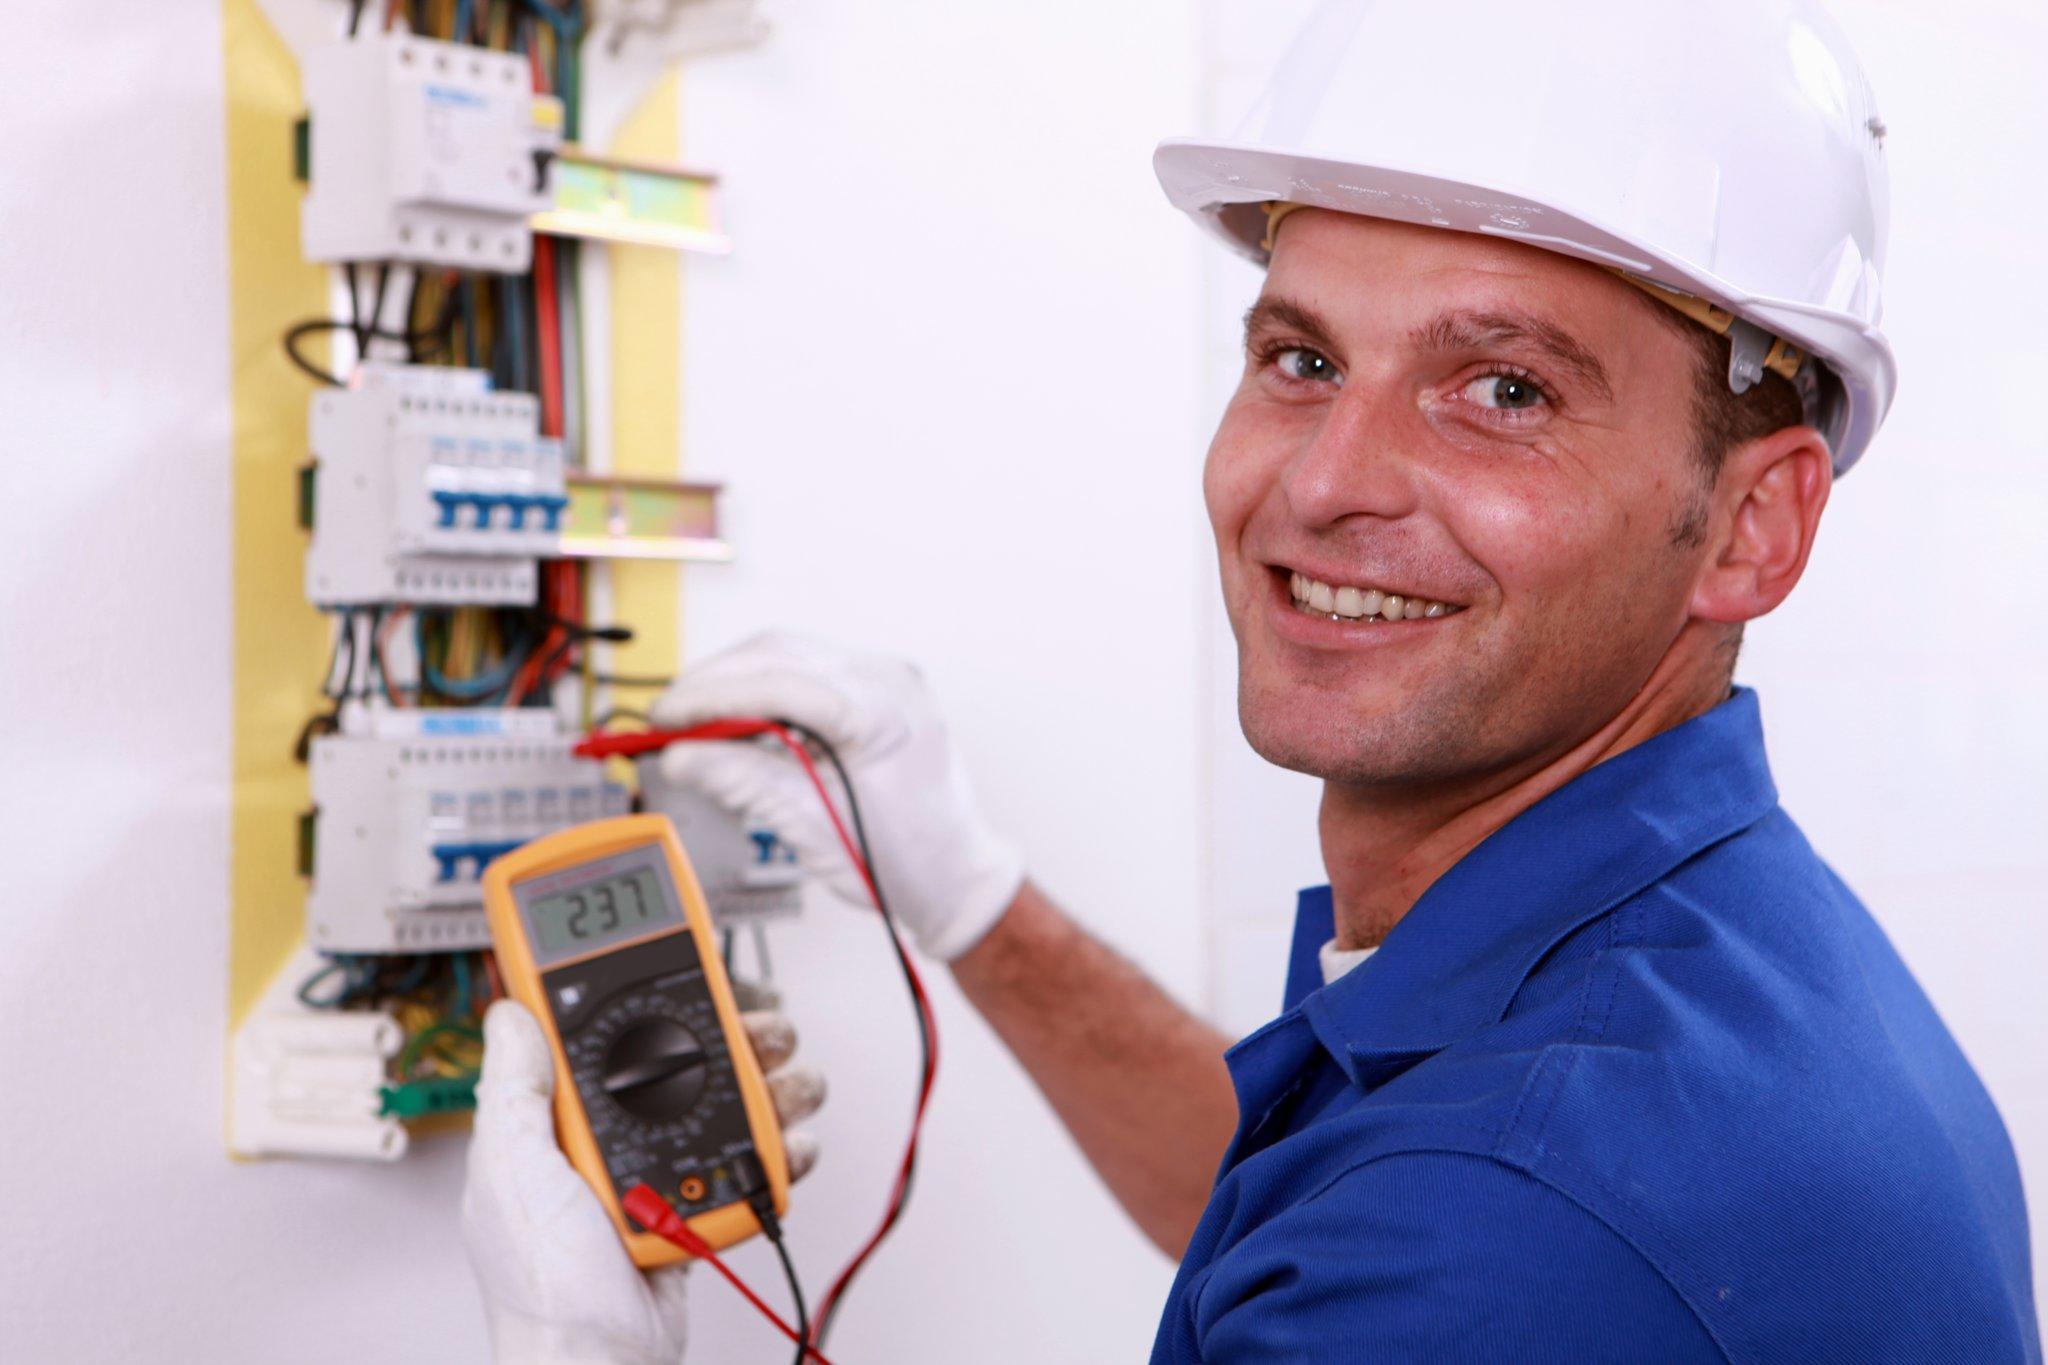 Was Kostet Ein Elektriker : ak konsumentenschutz elektriker preise vergleichen lohnt sich ober sterreich ~ A.2002-acura-tl-radio.info Haus und Dekorationen